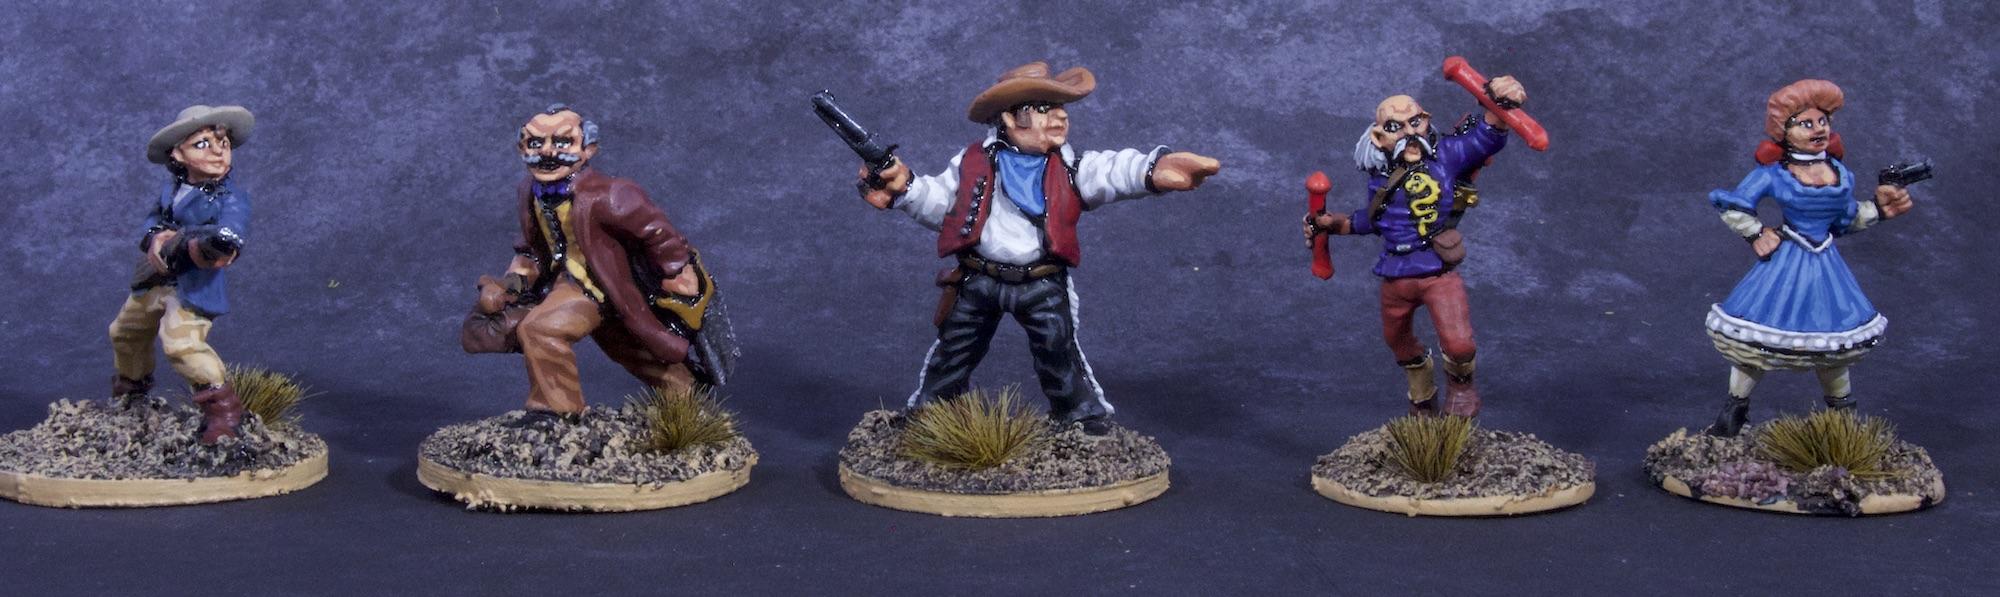 Painted Deadlands Miniatures